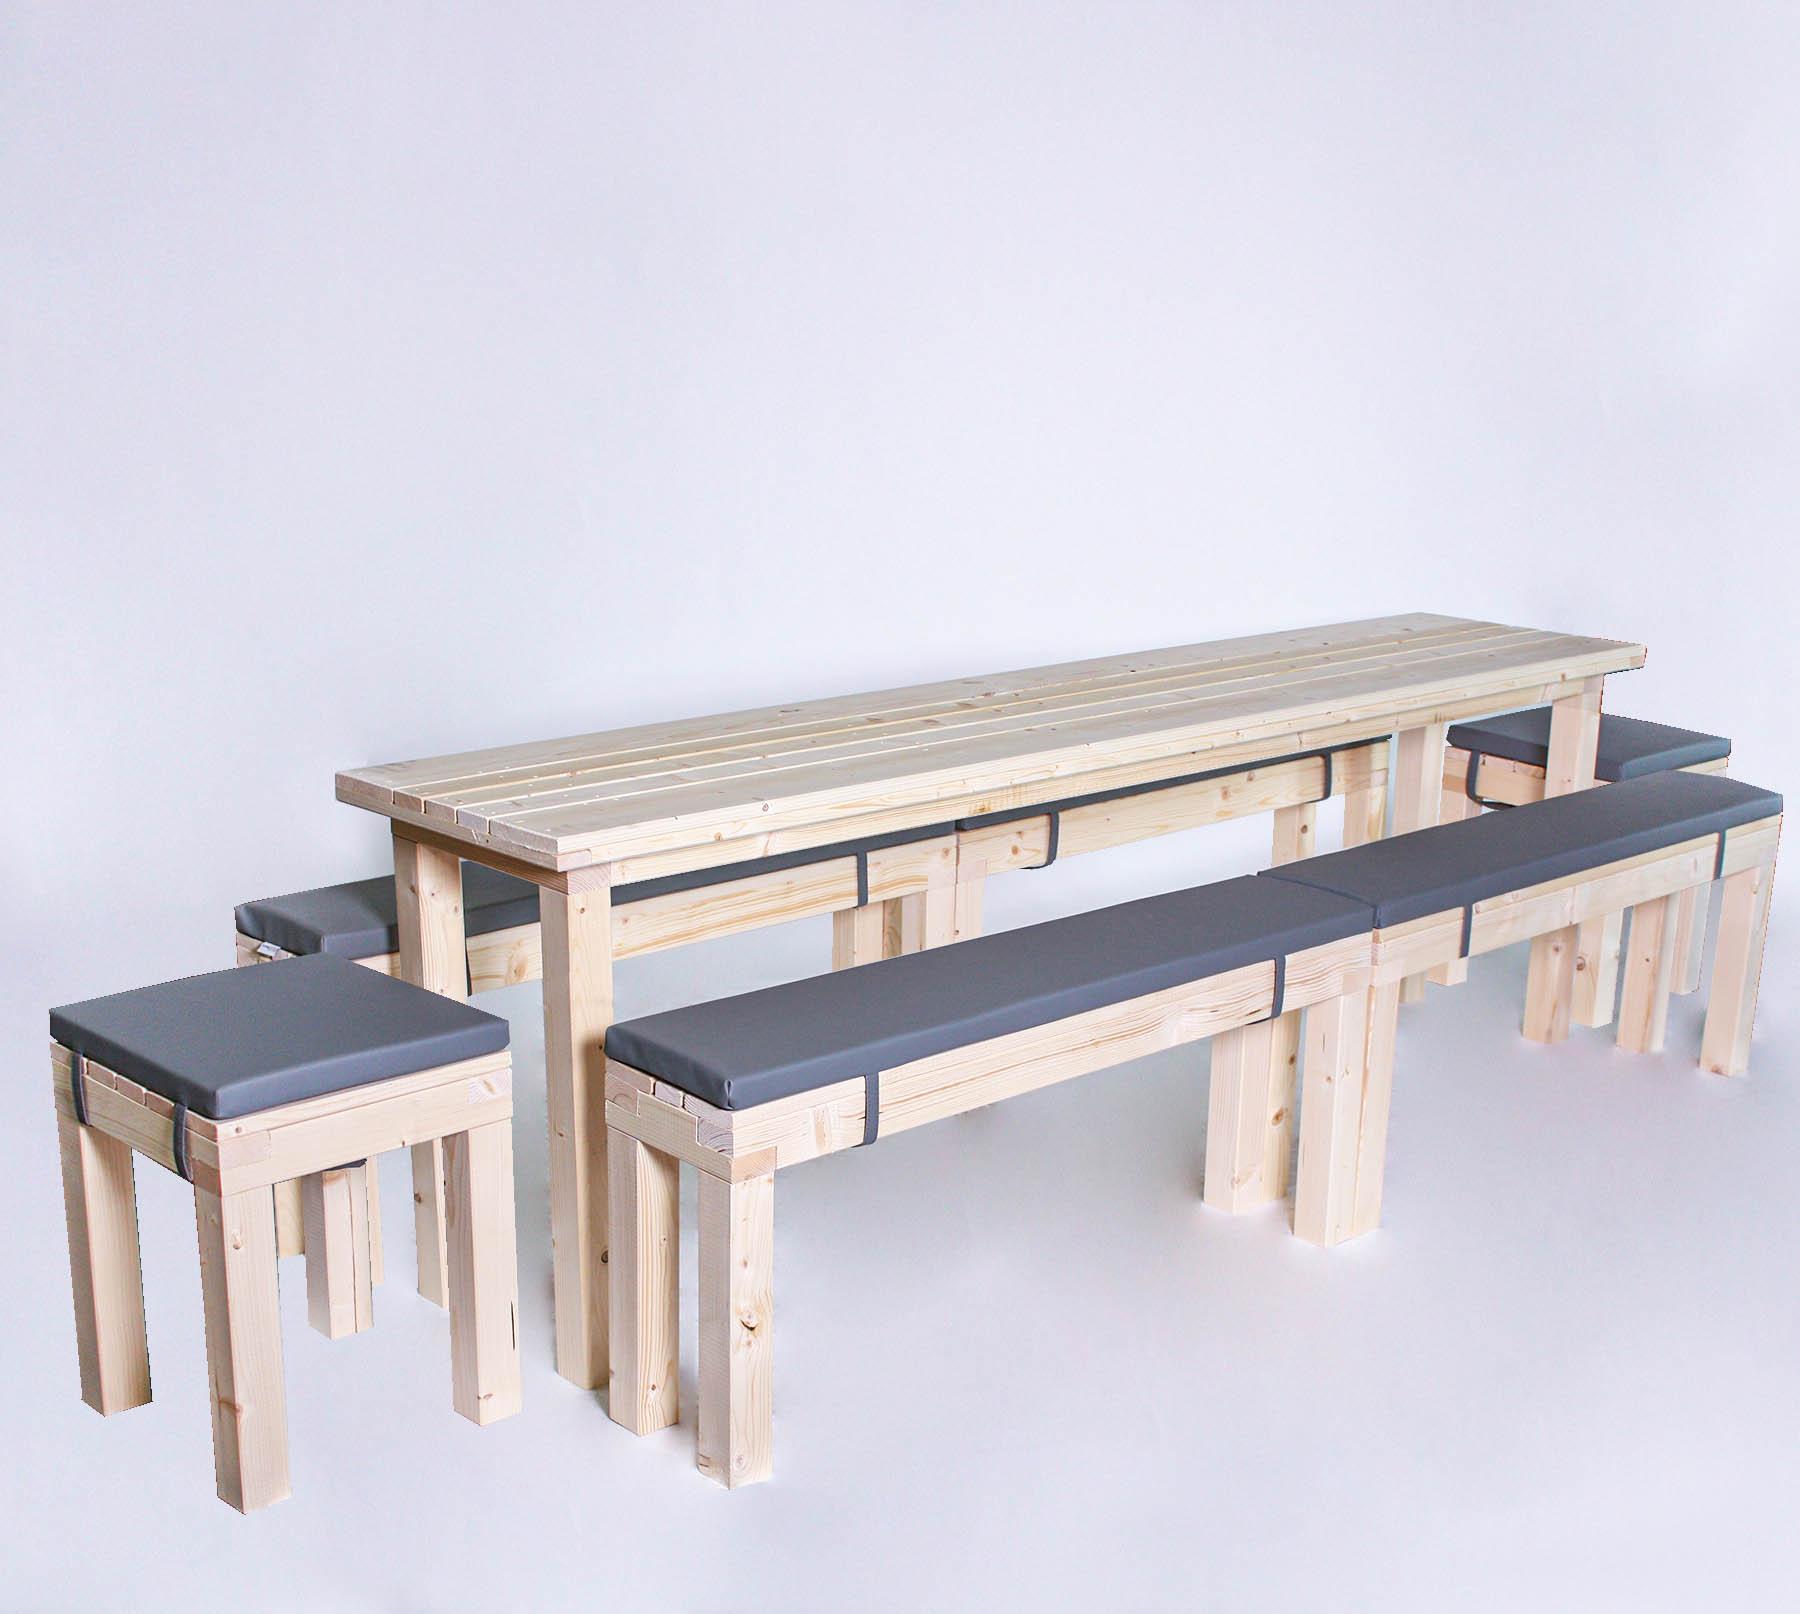 Sitzgarnitur KOMPAKT- Tischlänge 24cm - 14 Personen